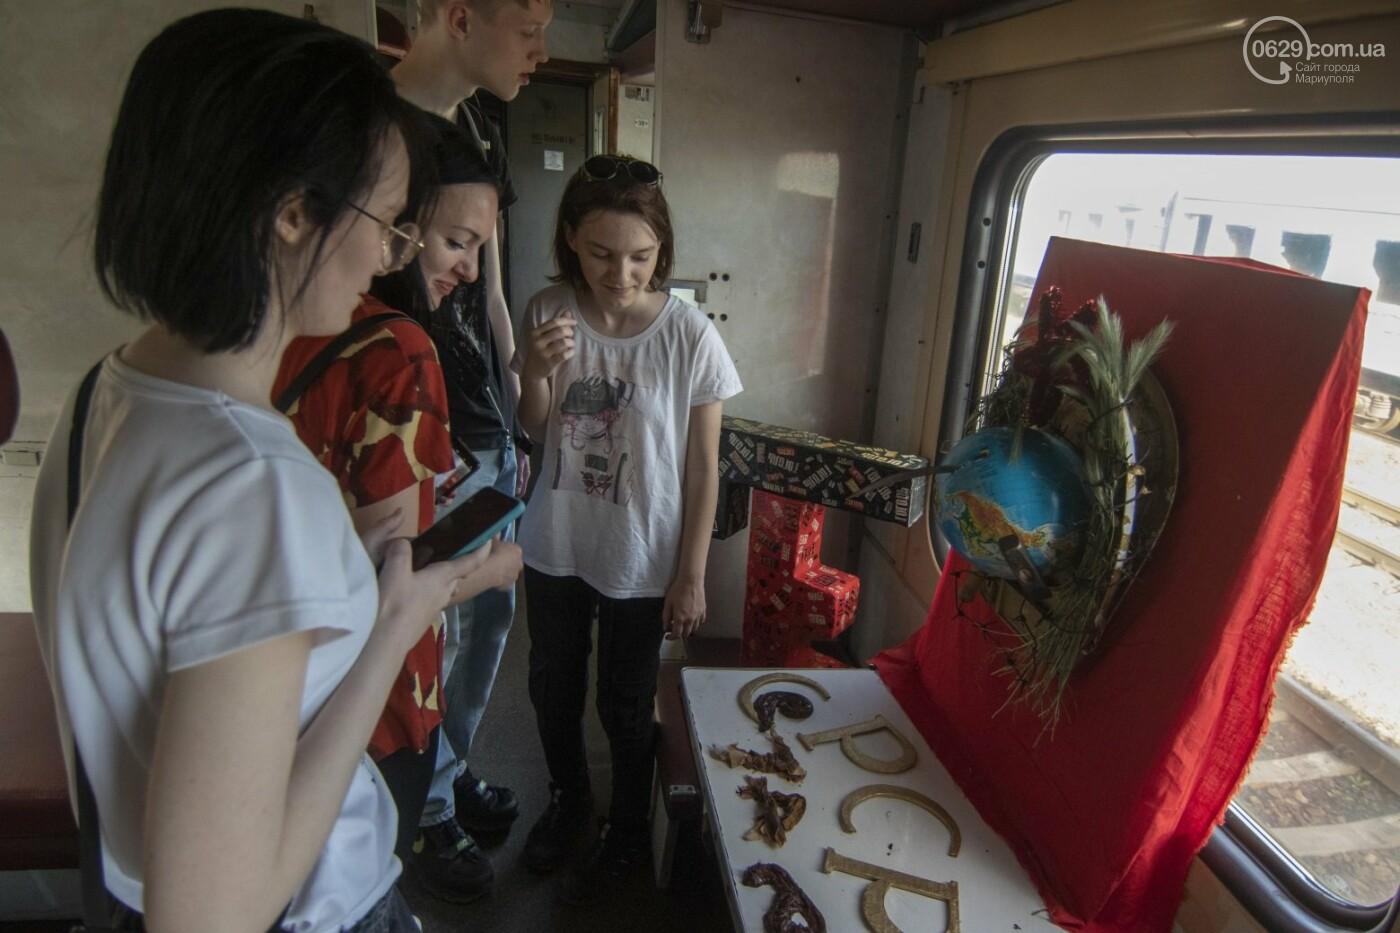 Во что превратили художники старый железнодорожный состав в Мариуполе. 33 фотографии! , фото-22